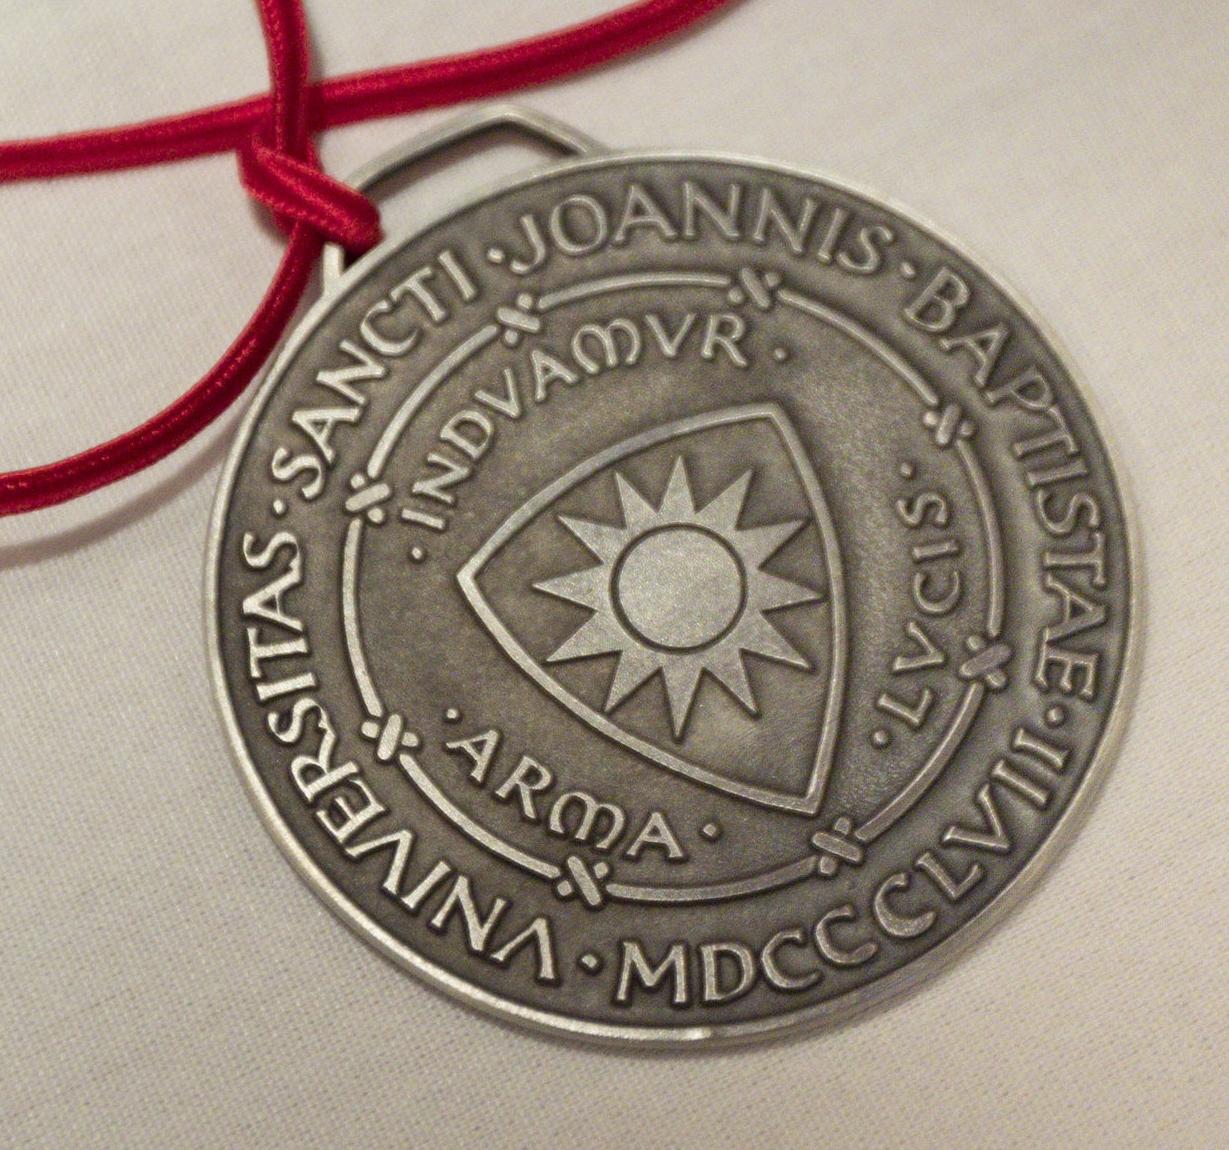 Saint John's University President's Medal presented to Jo White